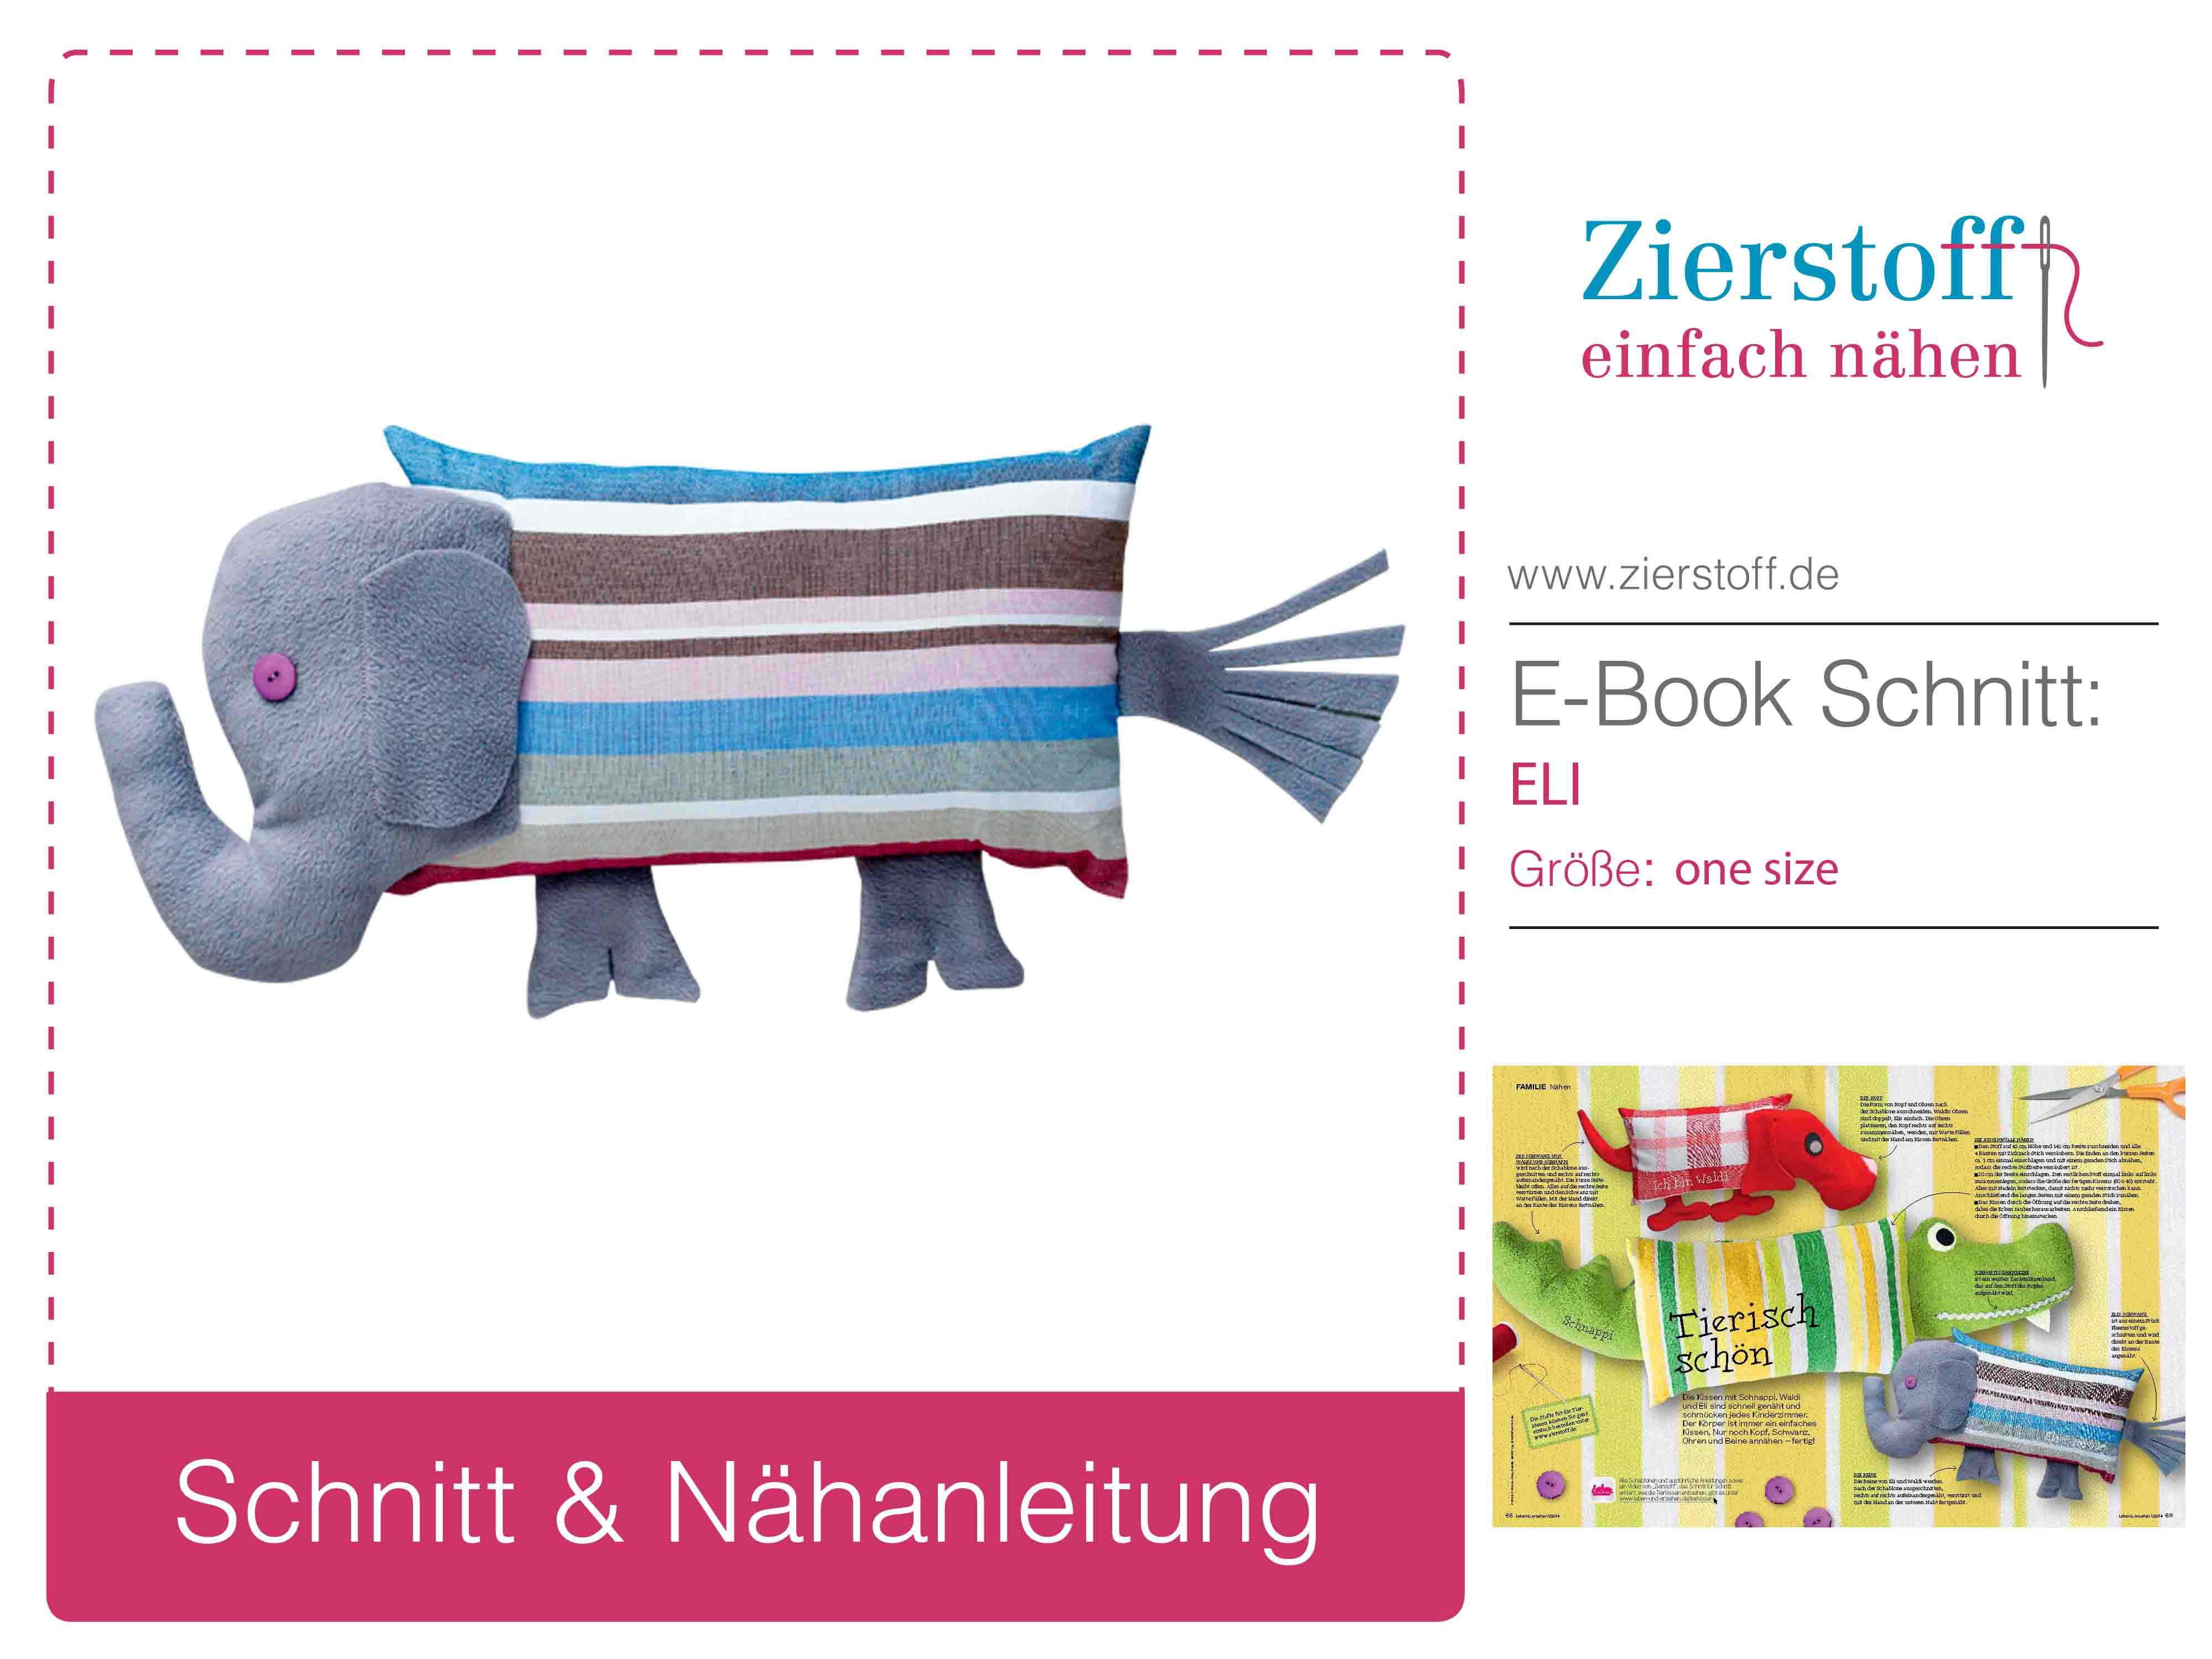 Schnittmuster Elefantenkissen von Zierstoff.